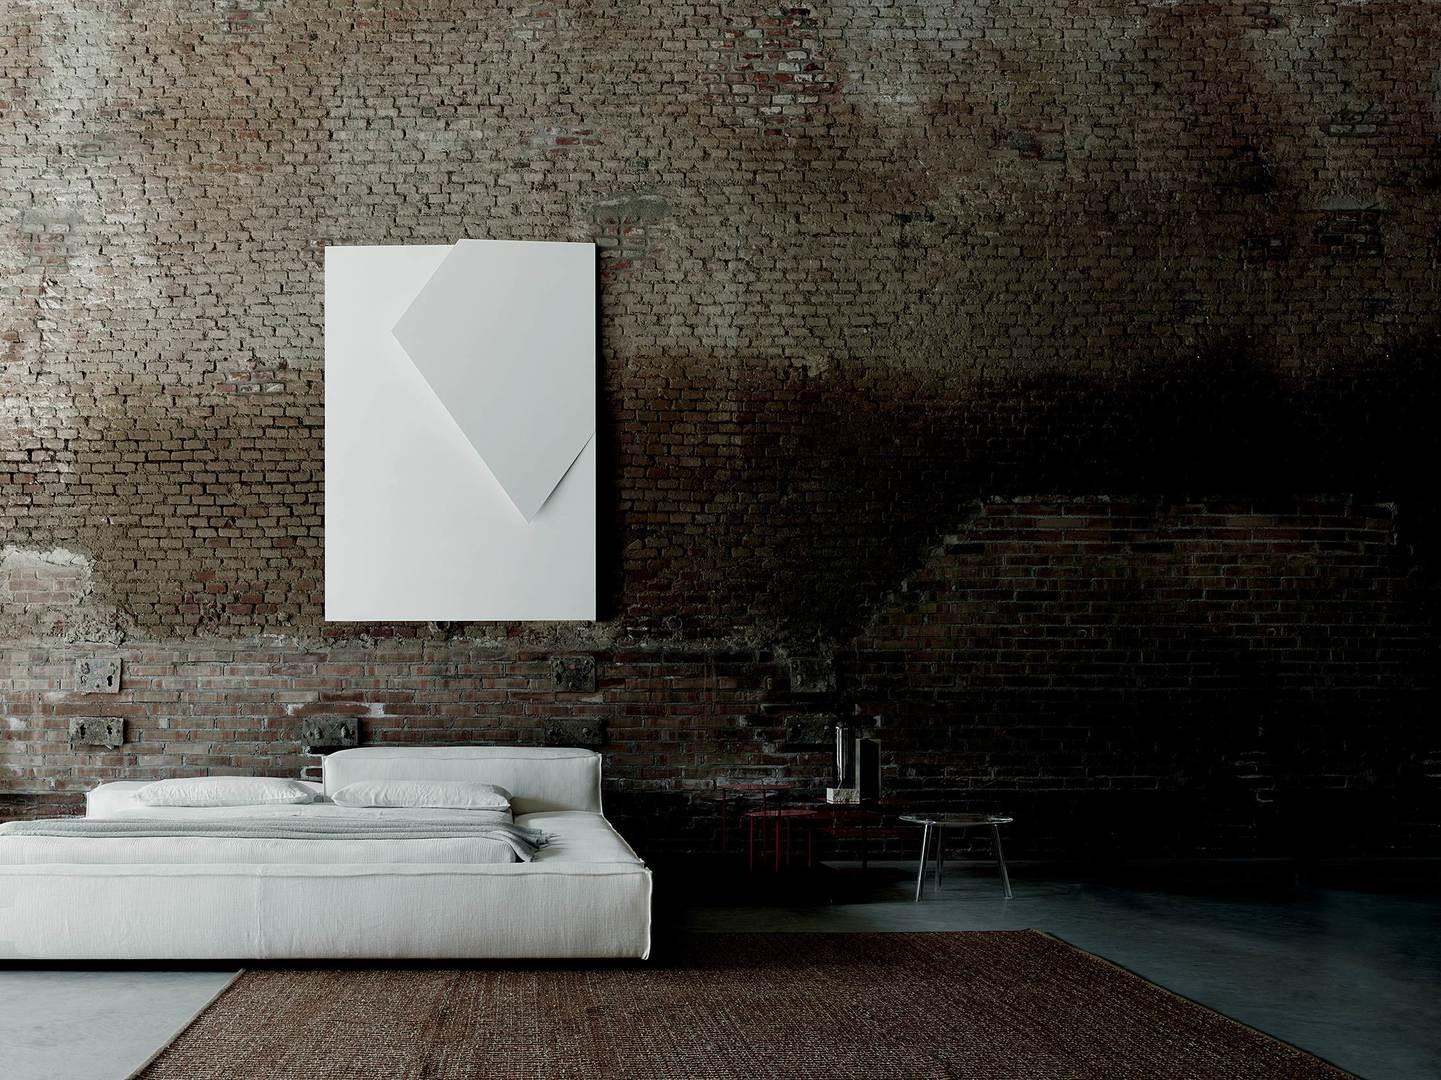 ExtraSoft-Bed--2-_jpg.jpg